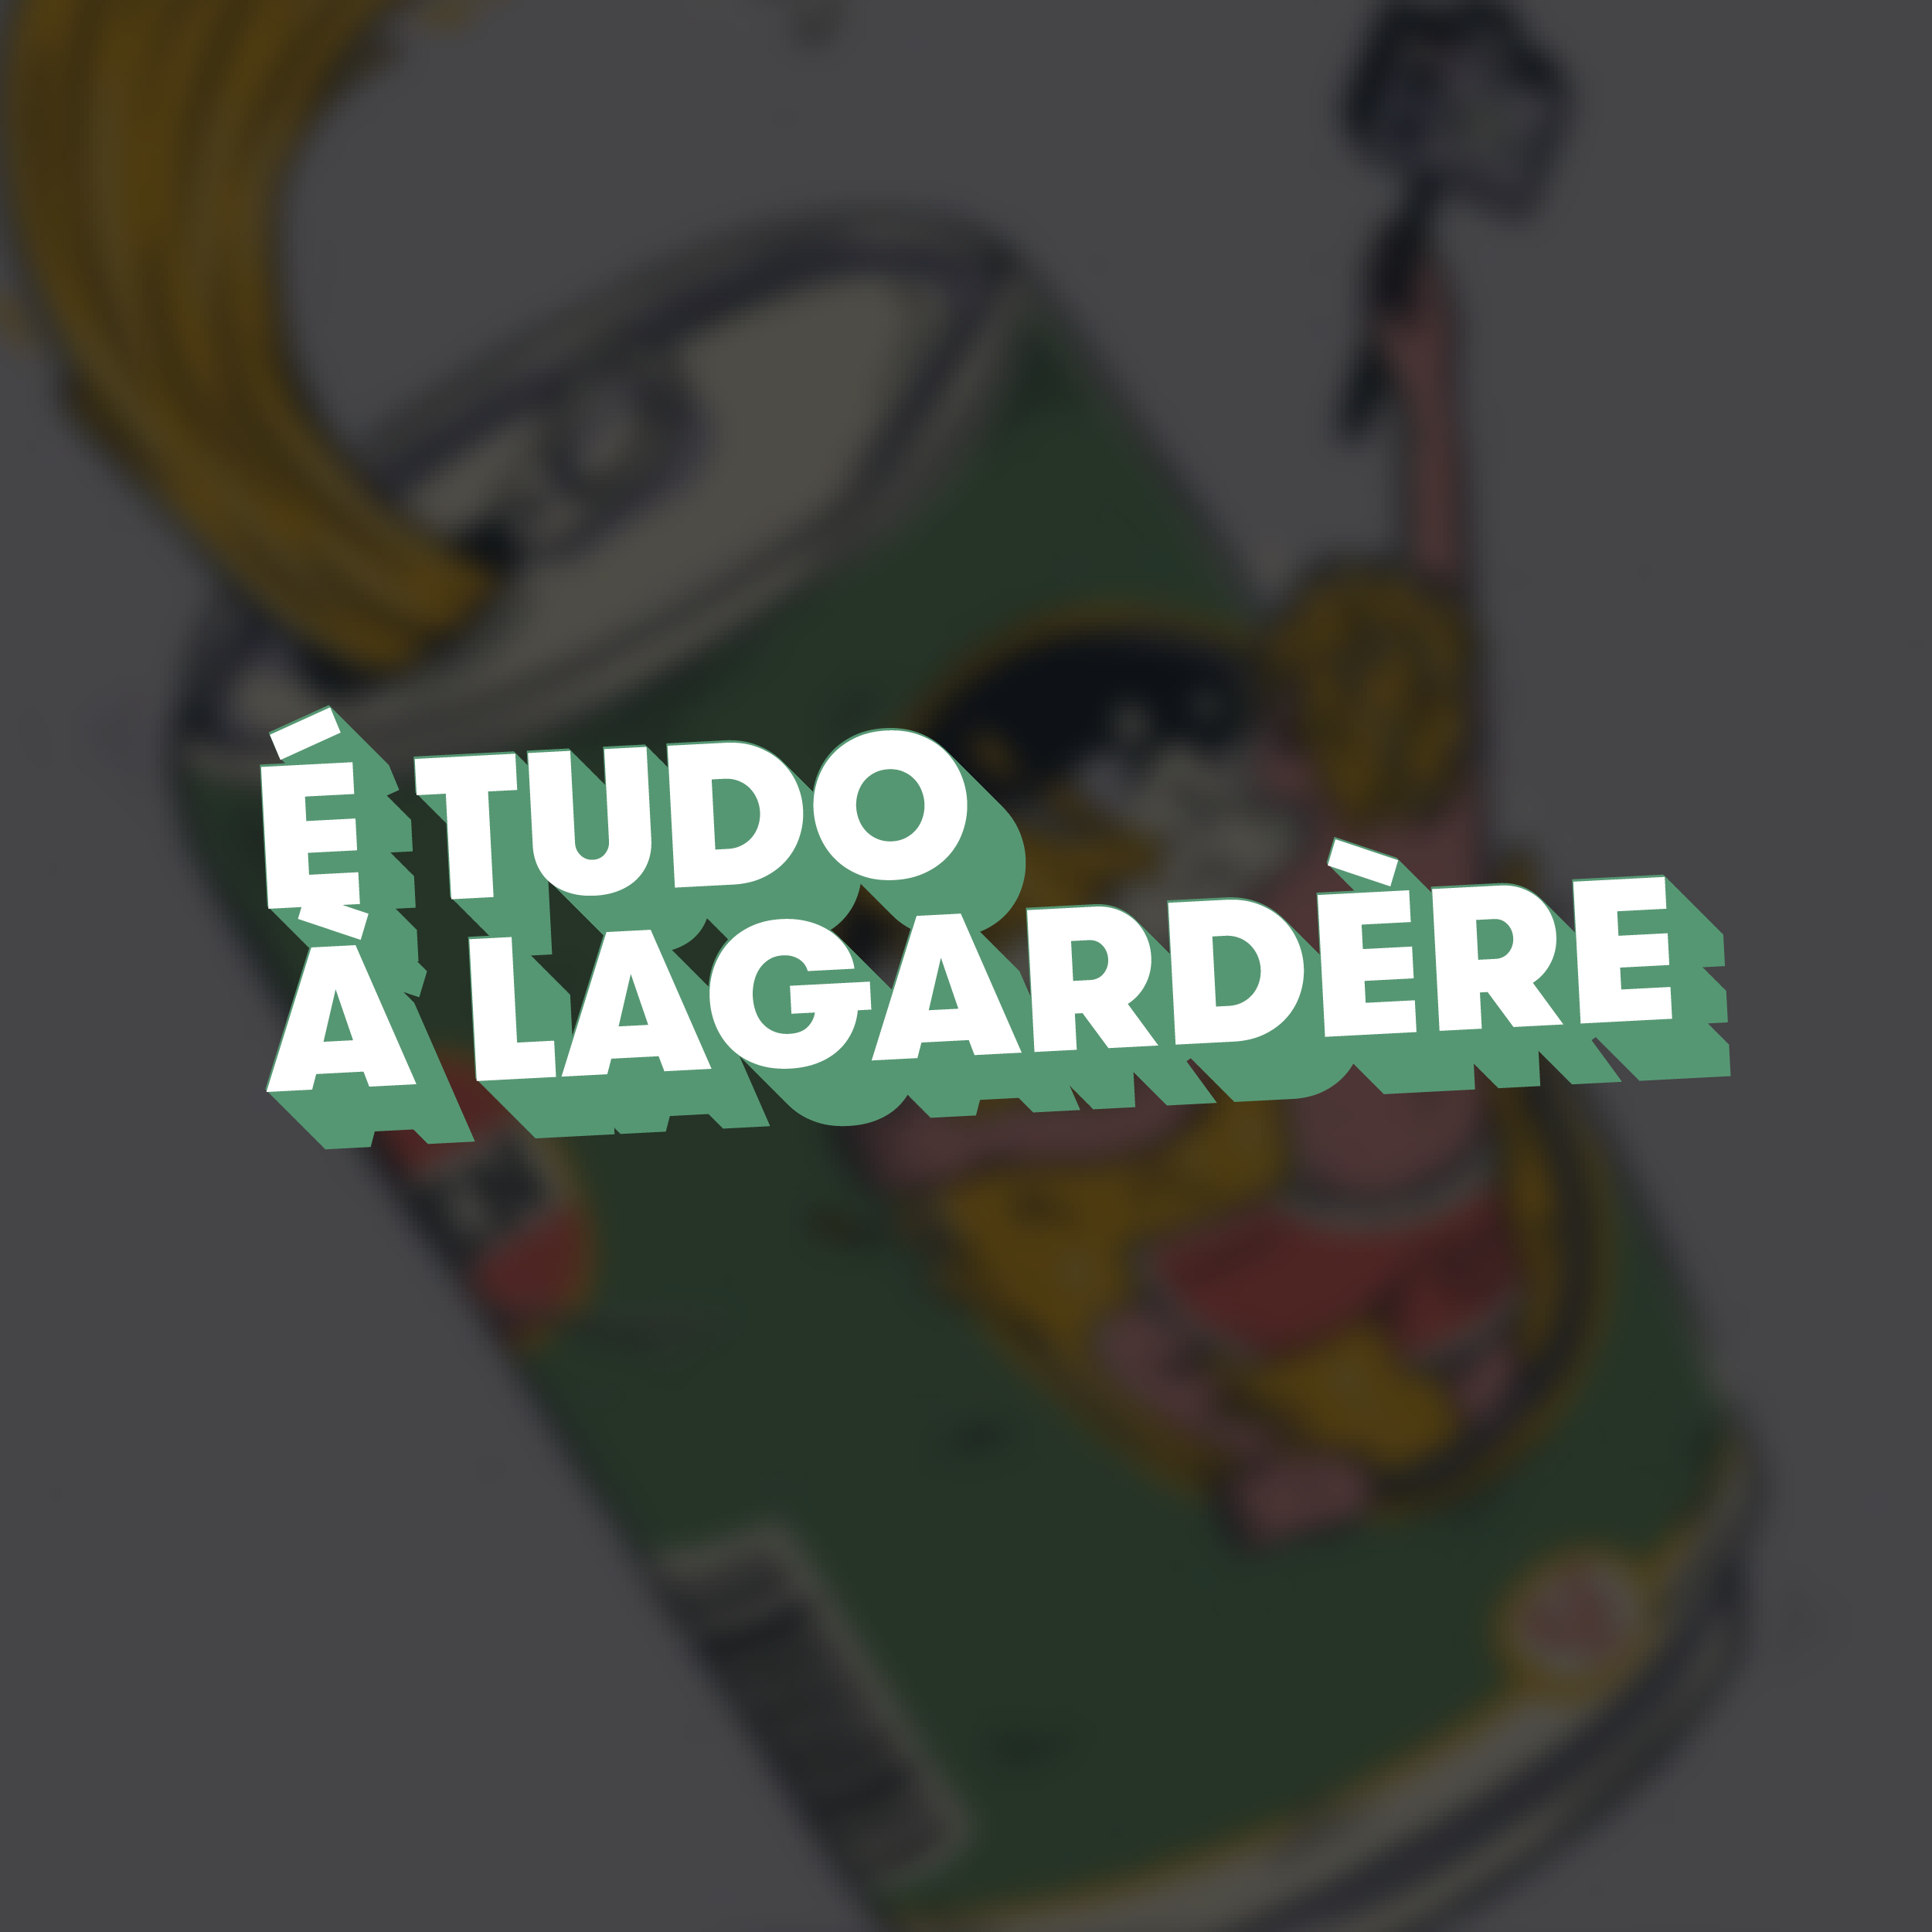 SQ_LAGARDERE_NLOGO-01